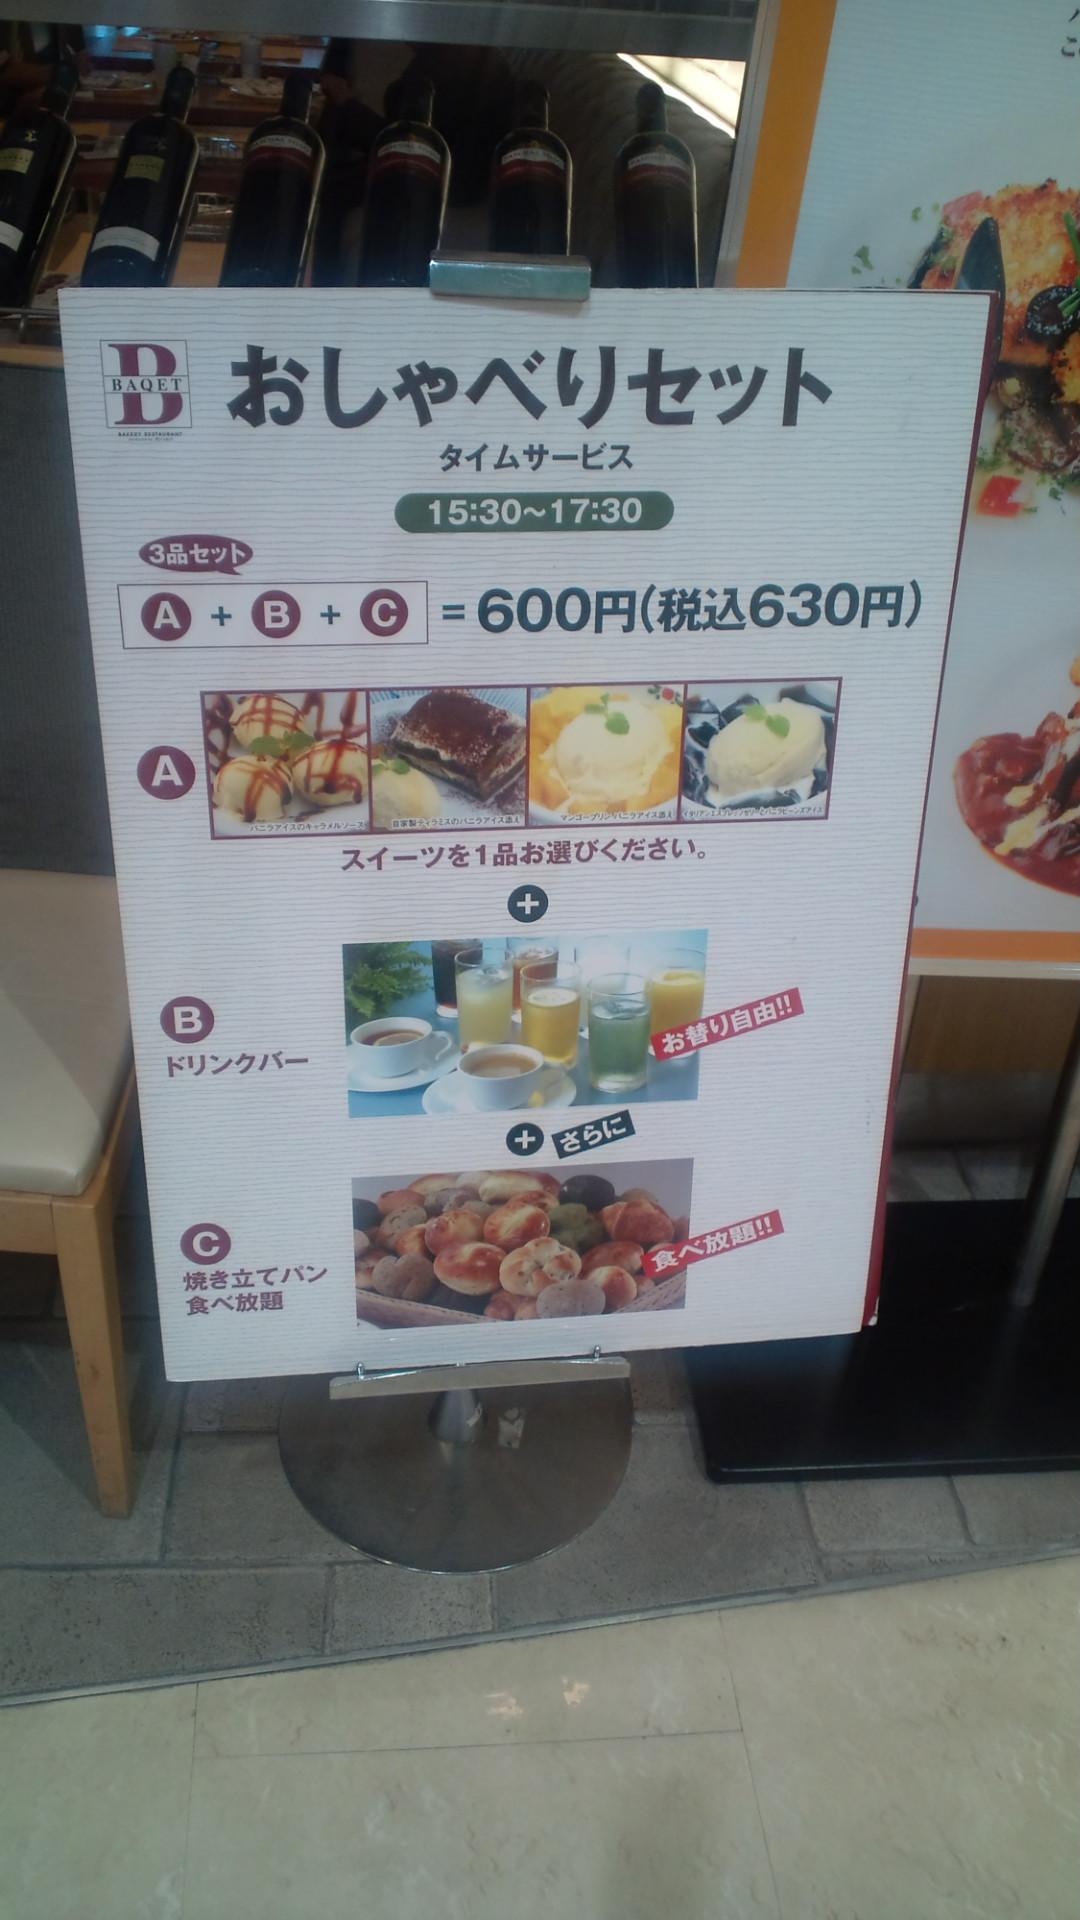 バケット  イオンモール福岡ルクル店